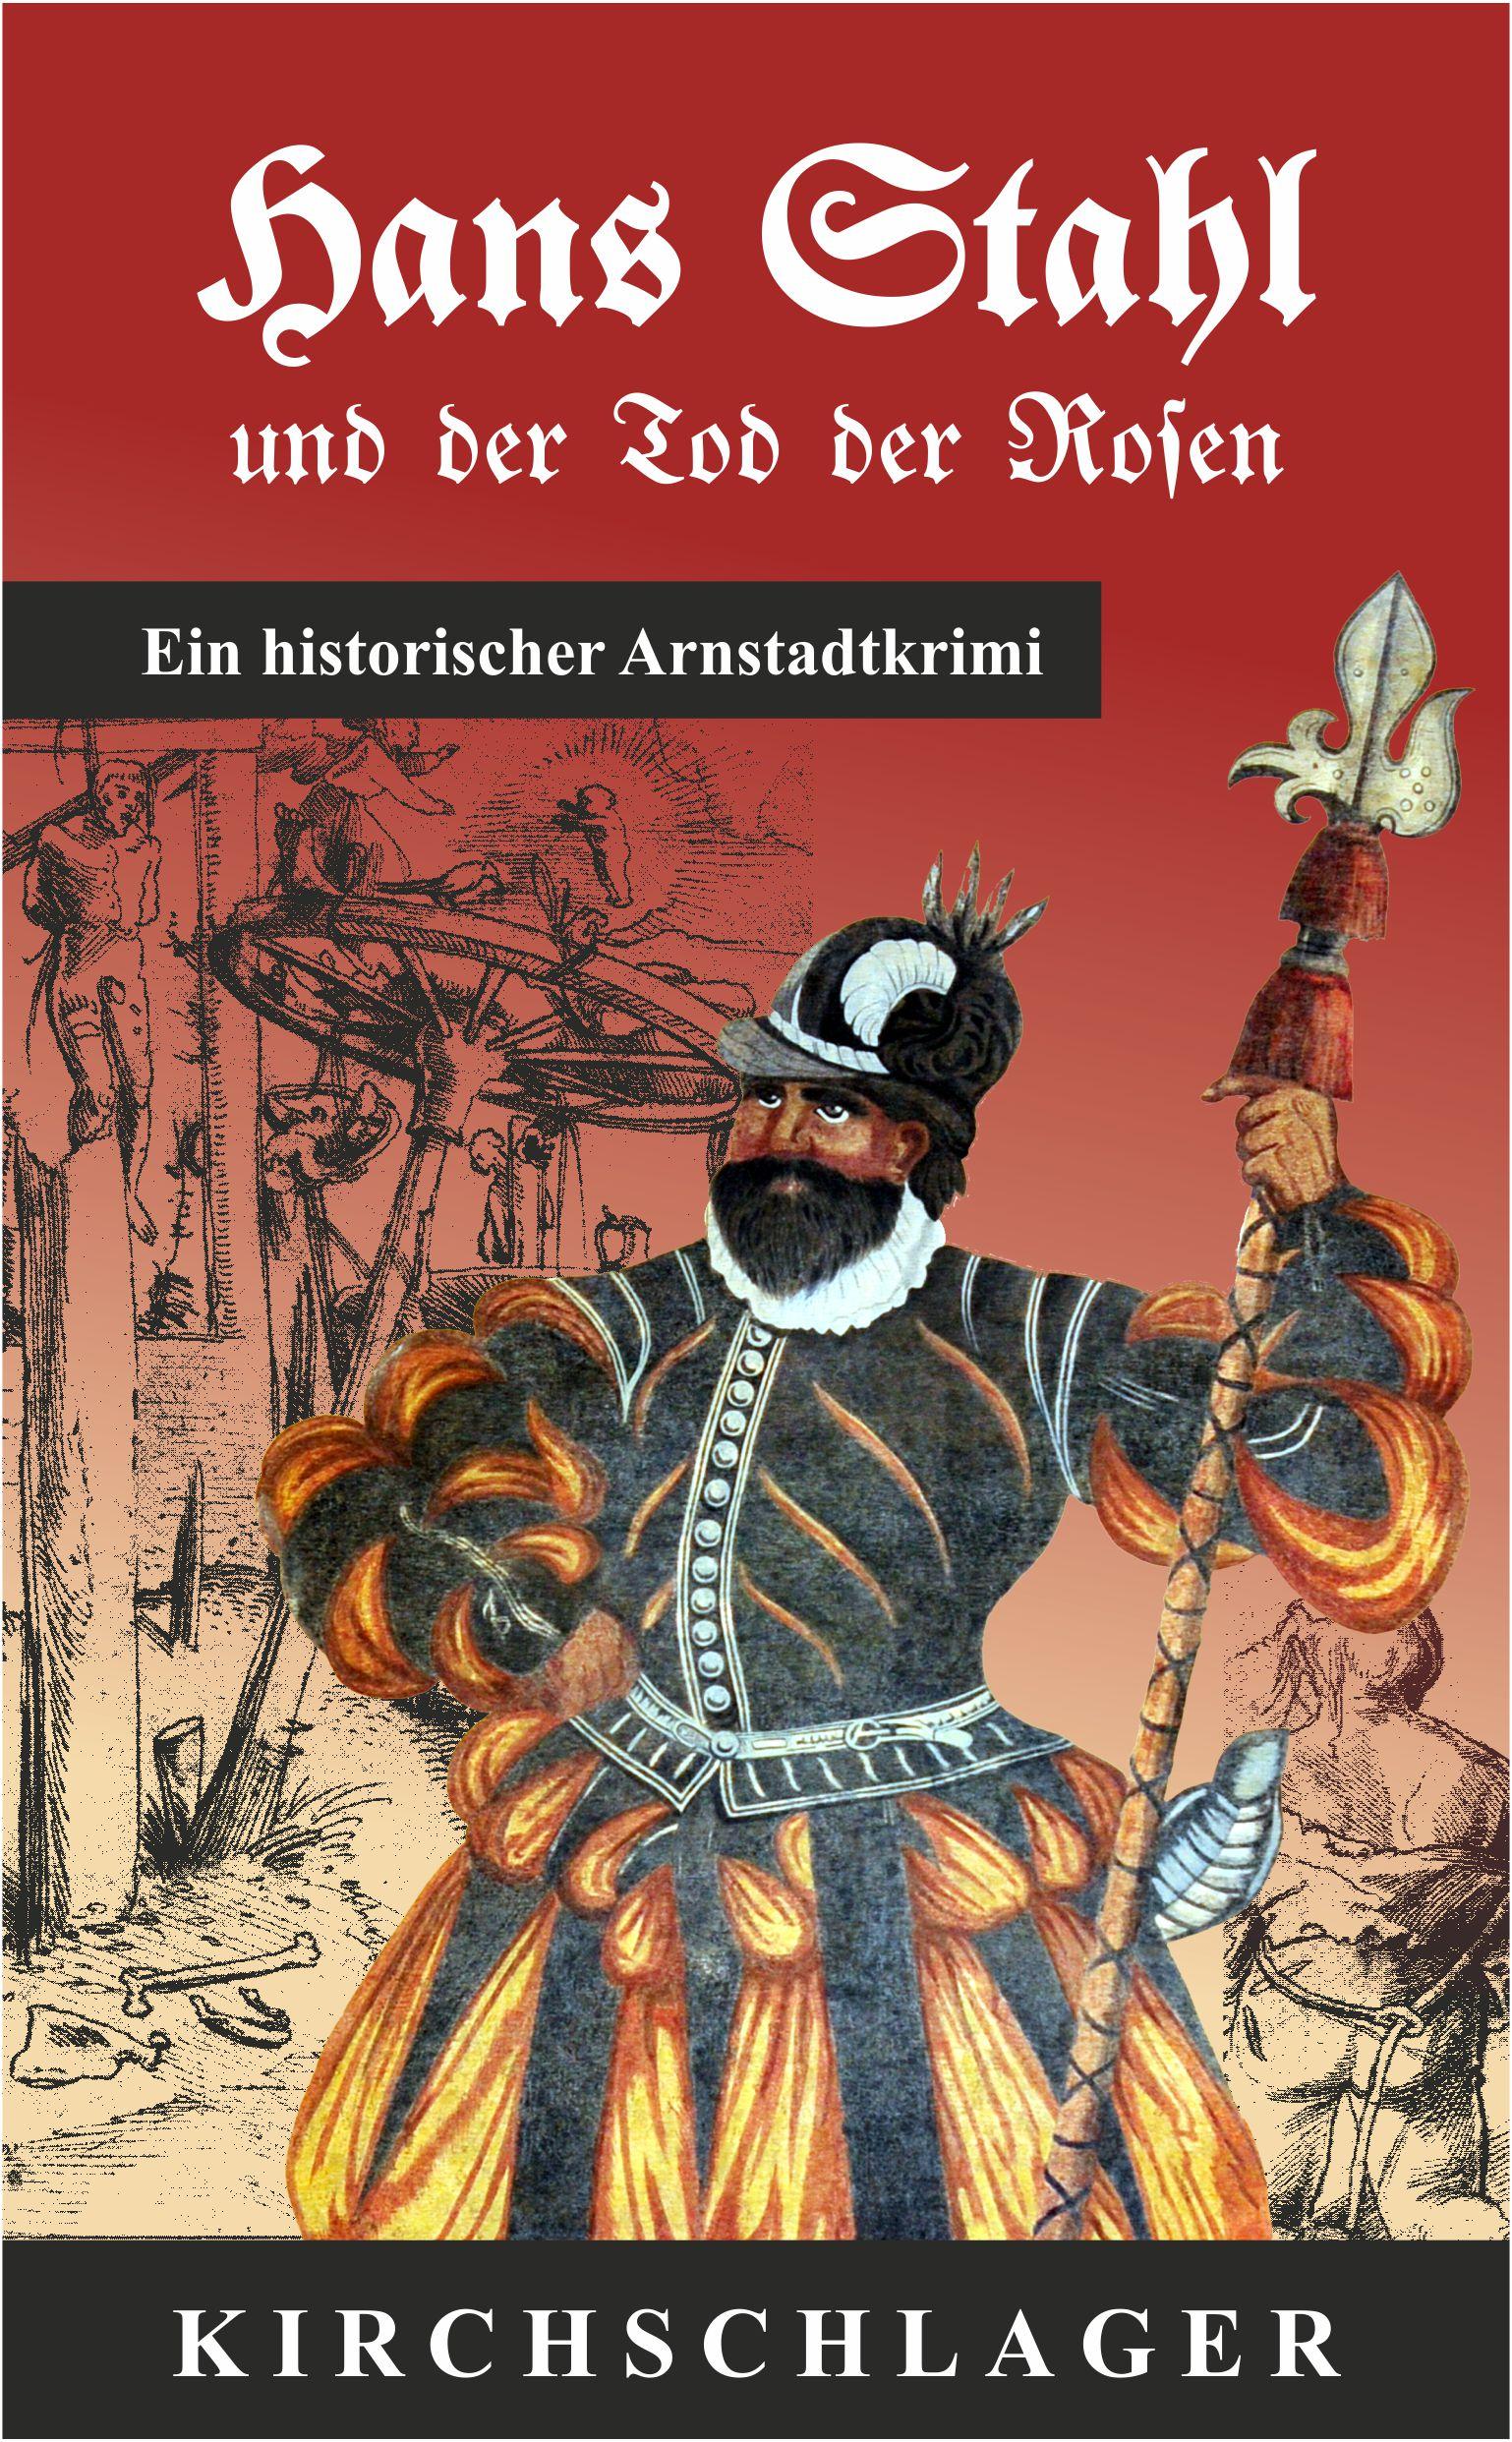 Hans Stahl und der Tod der Rosen (Covergestaltung: Heiko Freitag, Arnstadt)